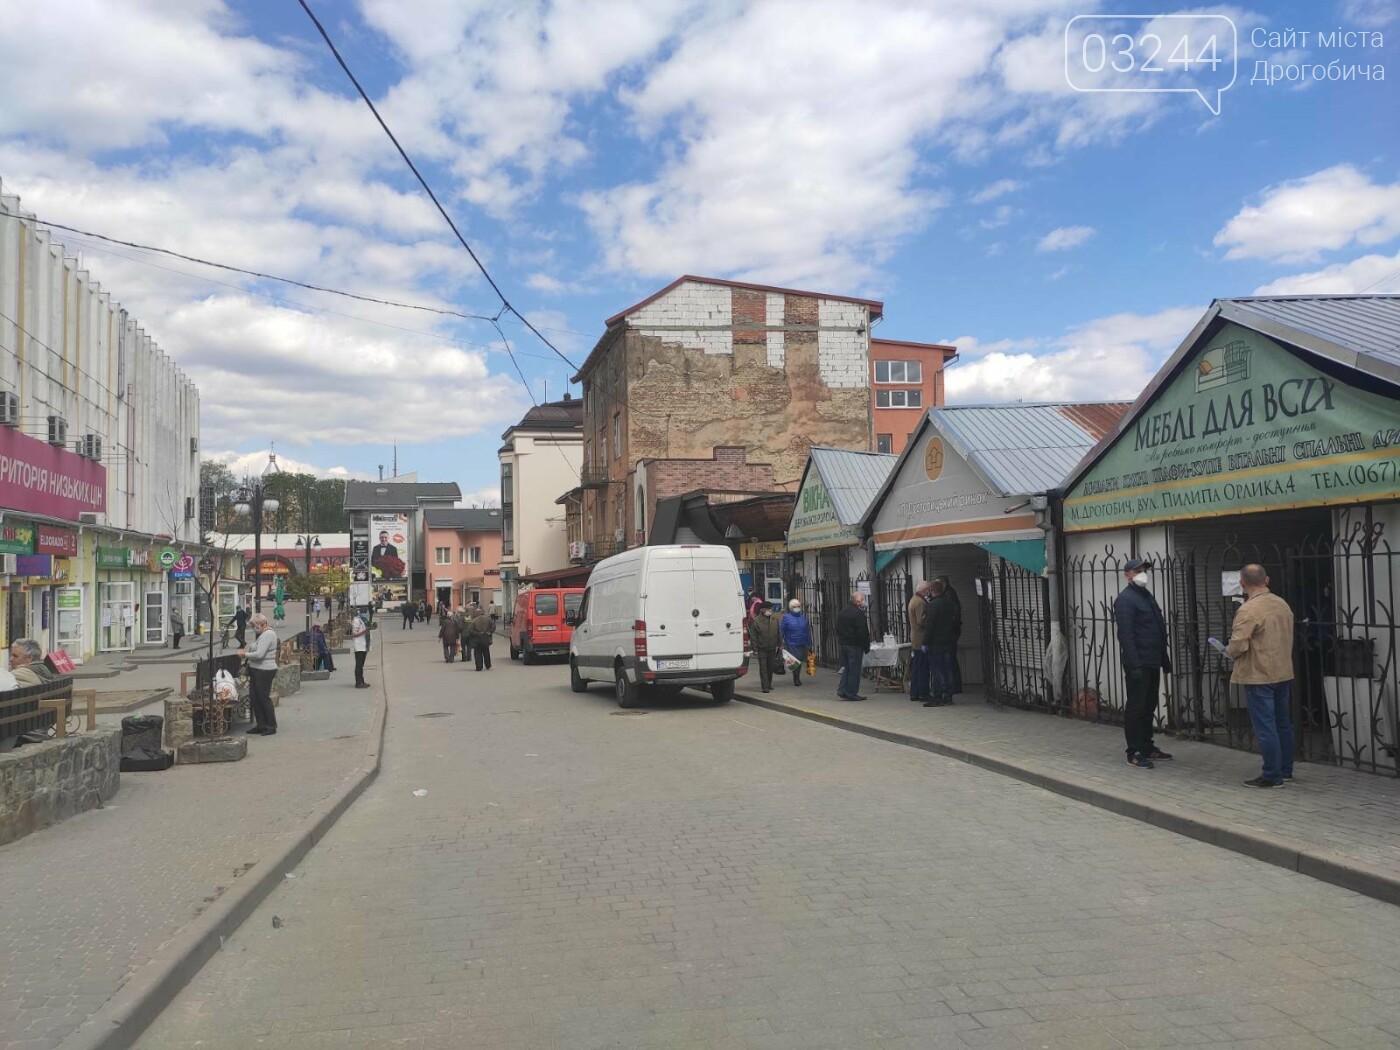 У Дрогобичі запрацював продуктовий ринок в центрі міста, -  ФОТОРЕПОРТАЖ, фото-13